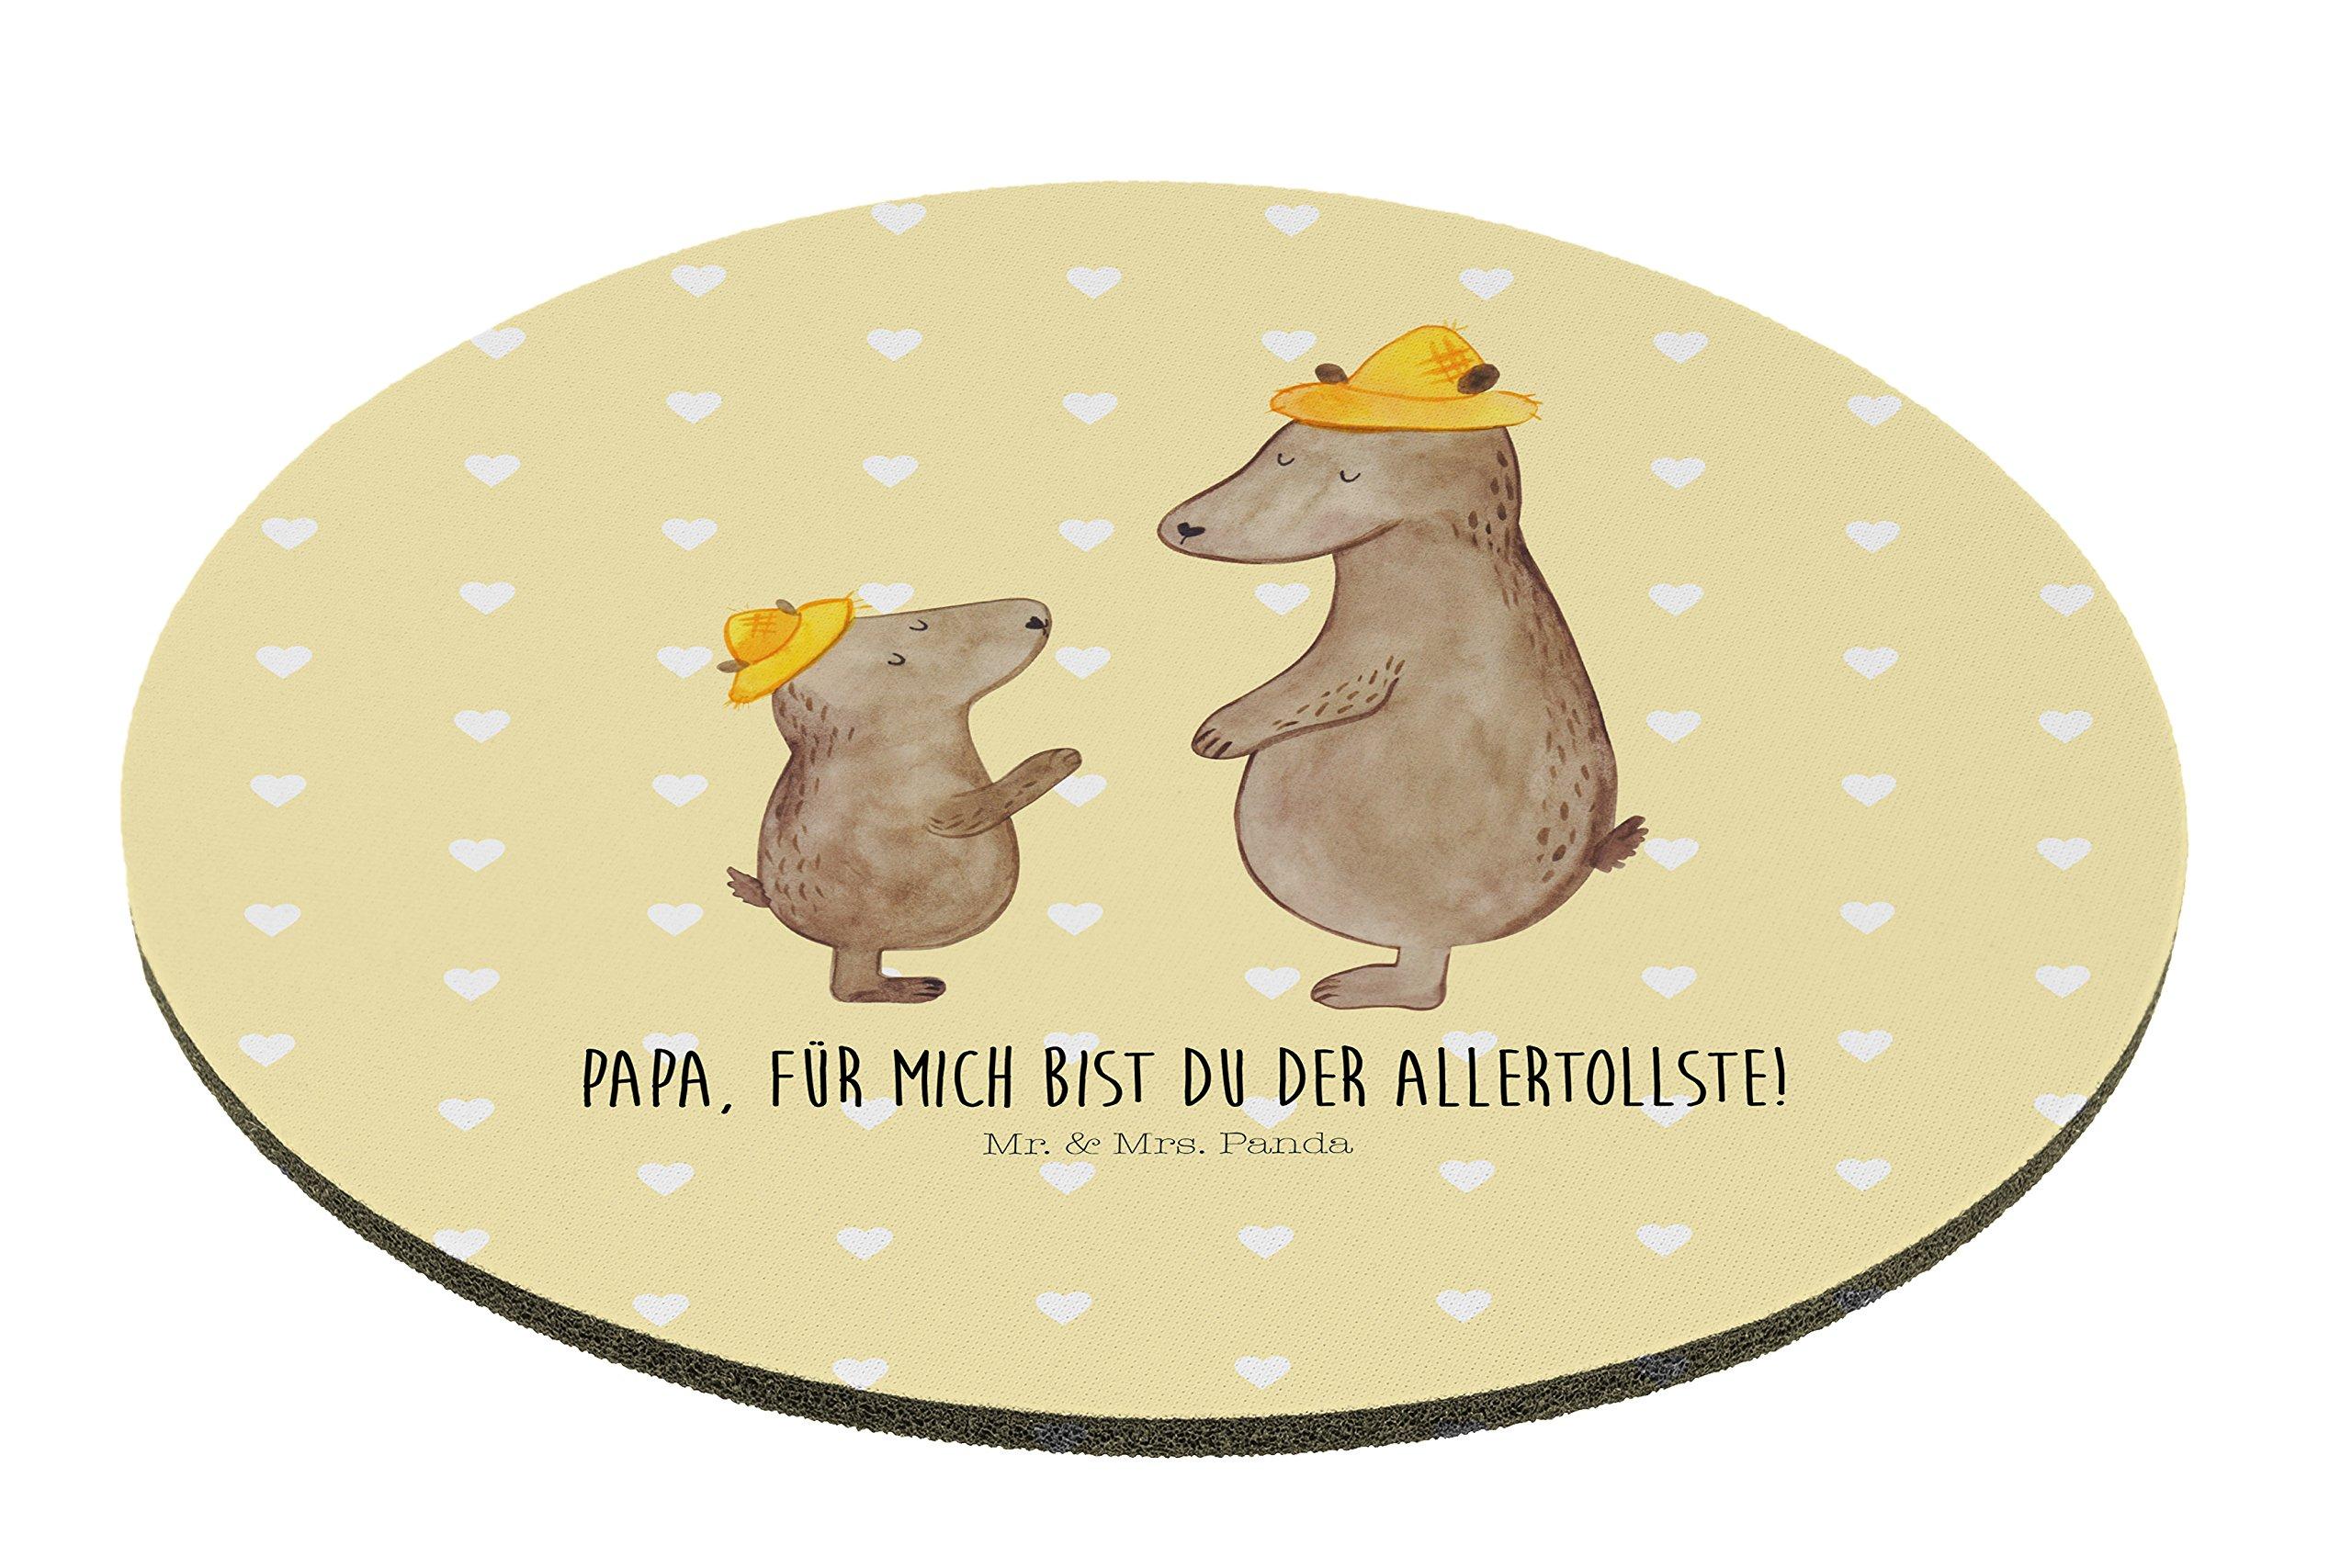 Mr. & Mrs. Panda Maus, Schreibtisch, Rund Mauspad Bären mit Hut mit Spruch - Farbe Gelb Pastell